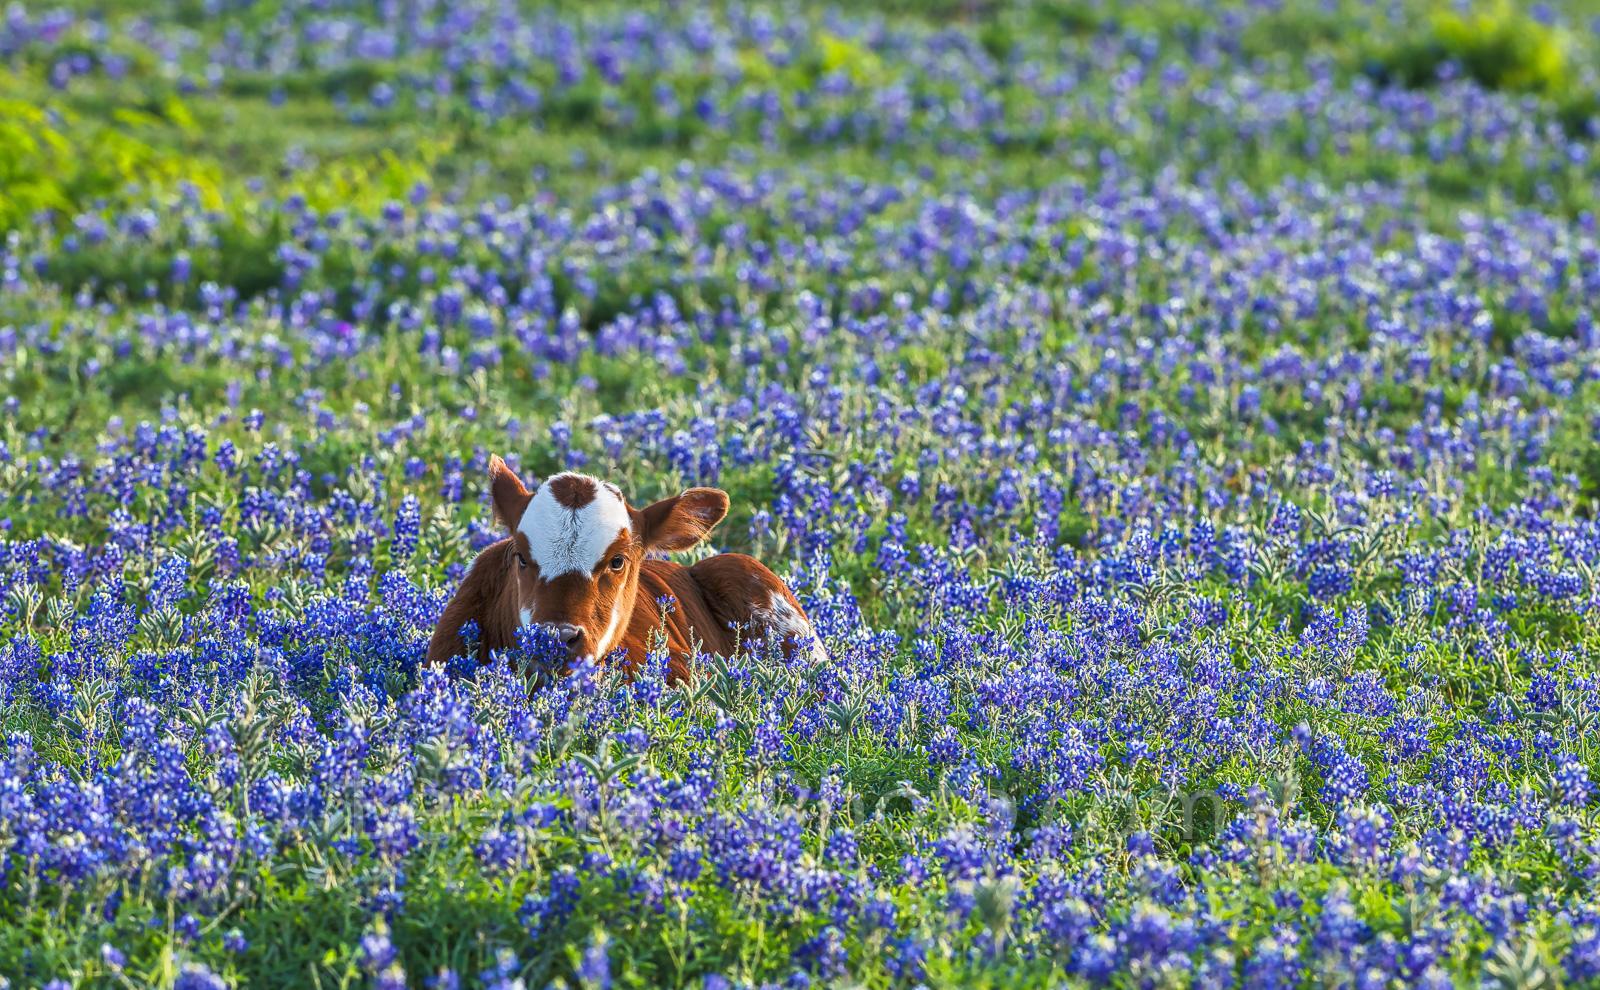 Longhorn calf, cattel, bluebonnets, Texas southwest, wildflowers, field, symbol, docil, baby, field of bluebonnets,, photo